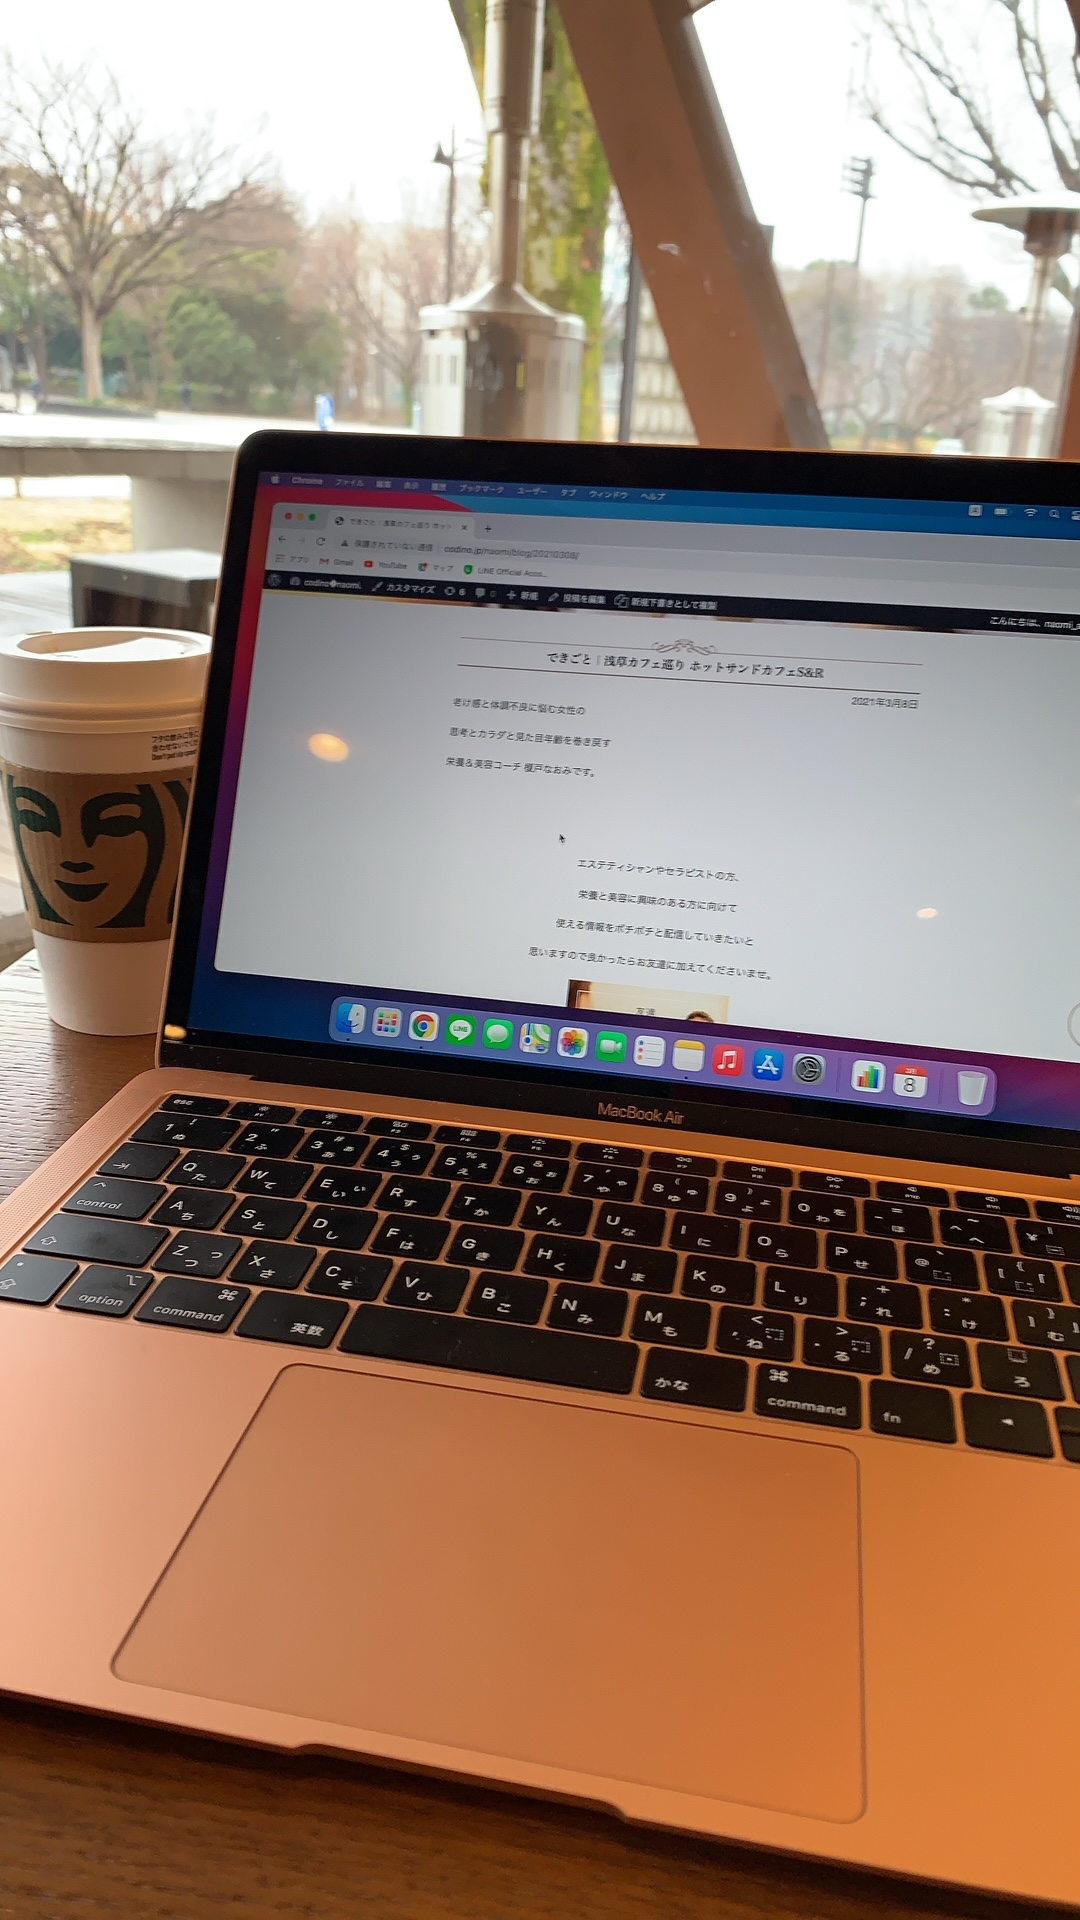 Macbookair,パソコン